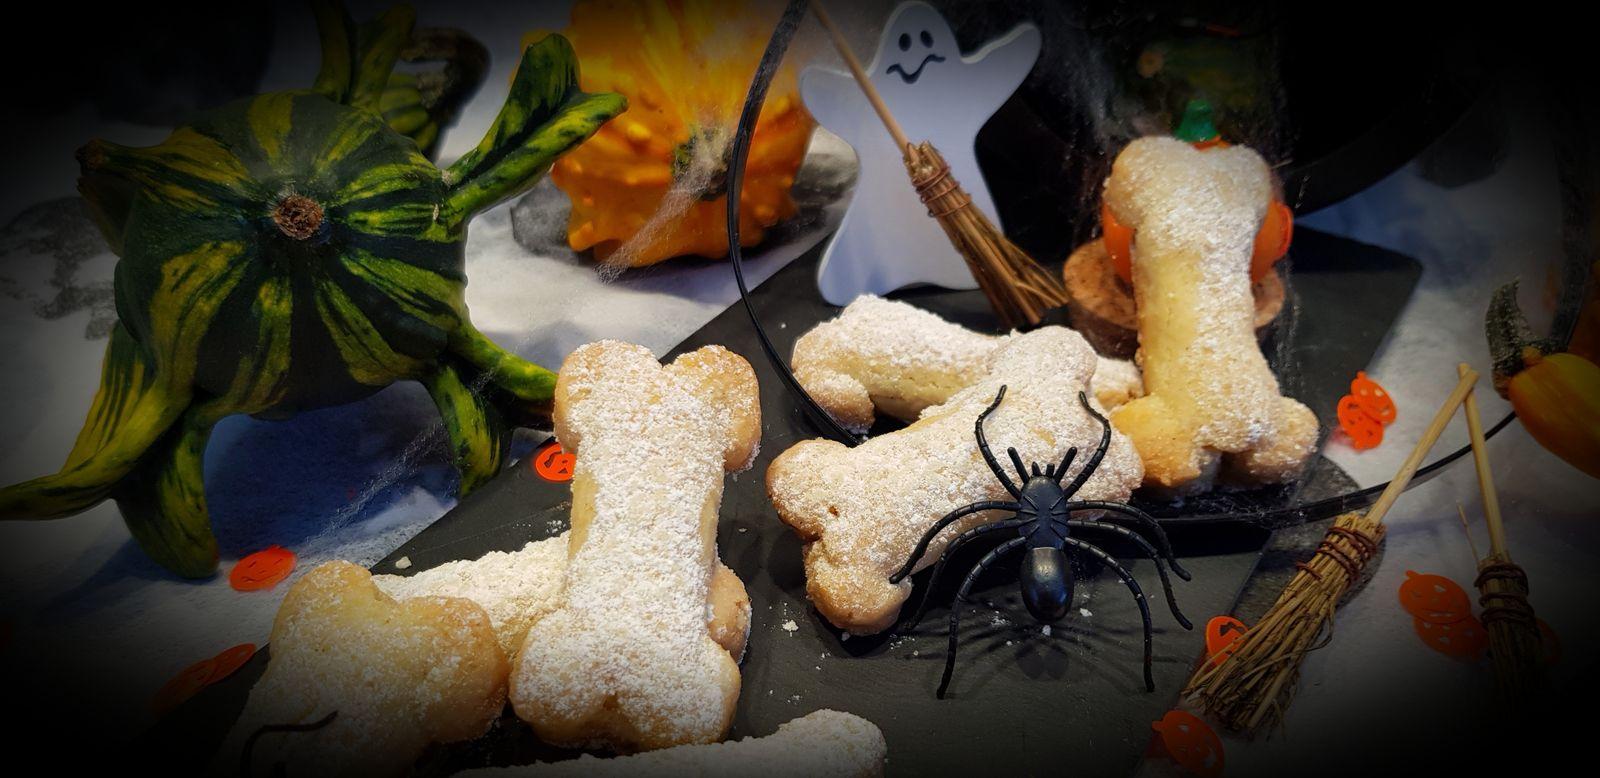 Os d'halloween aux amandes